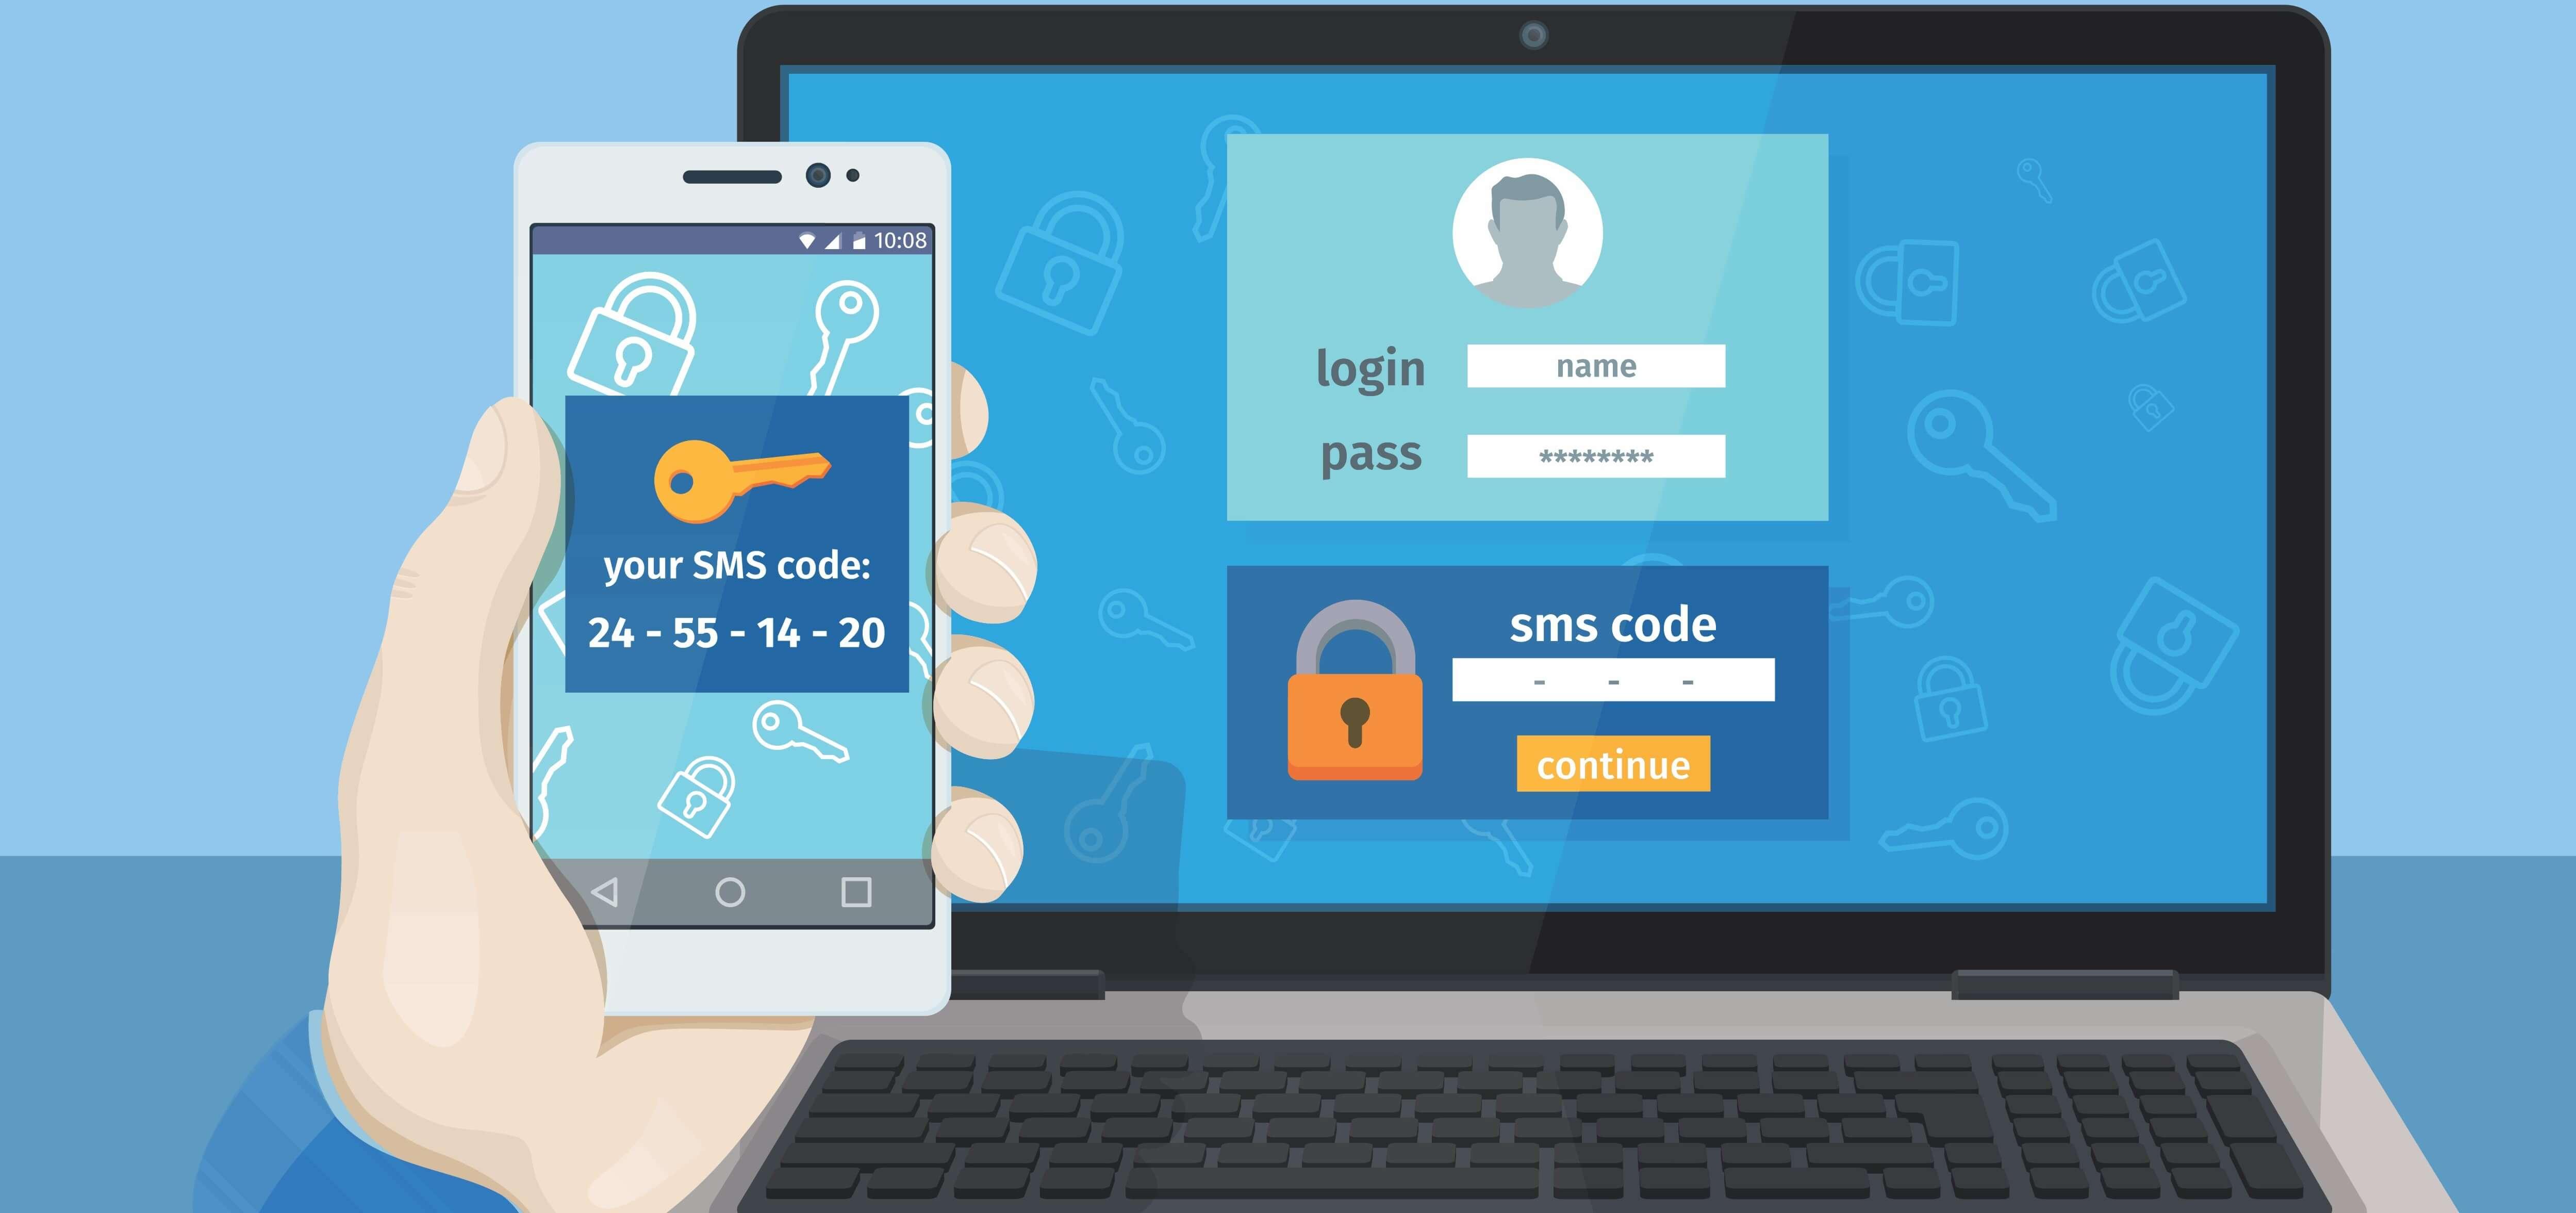 Из-за незащищенной БД компании Voxox произошла утечка 26 млн SMS-кодов двухфакторной аутентификации